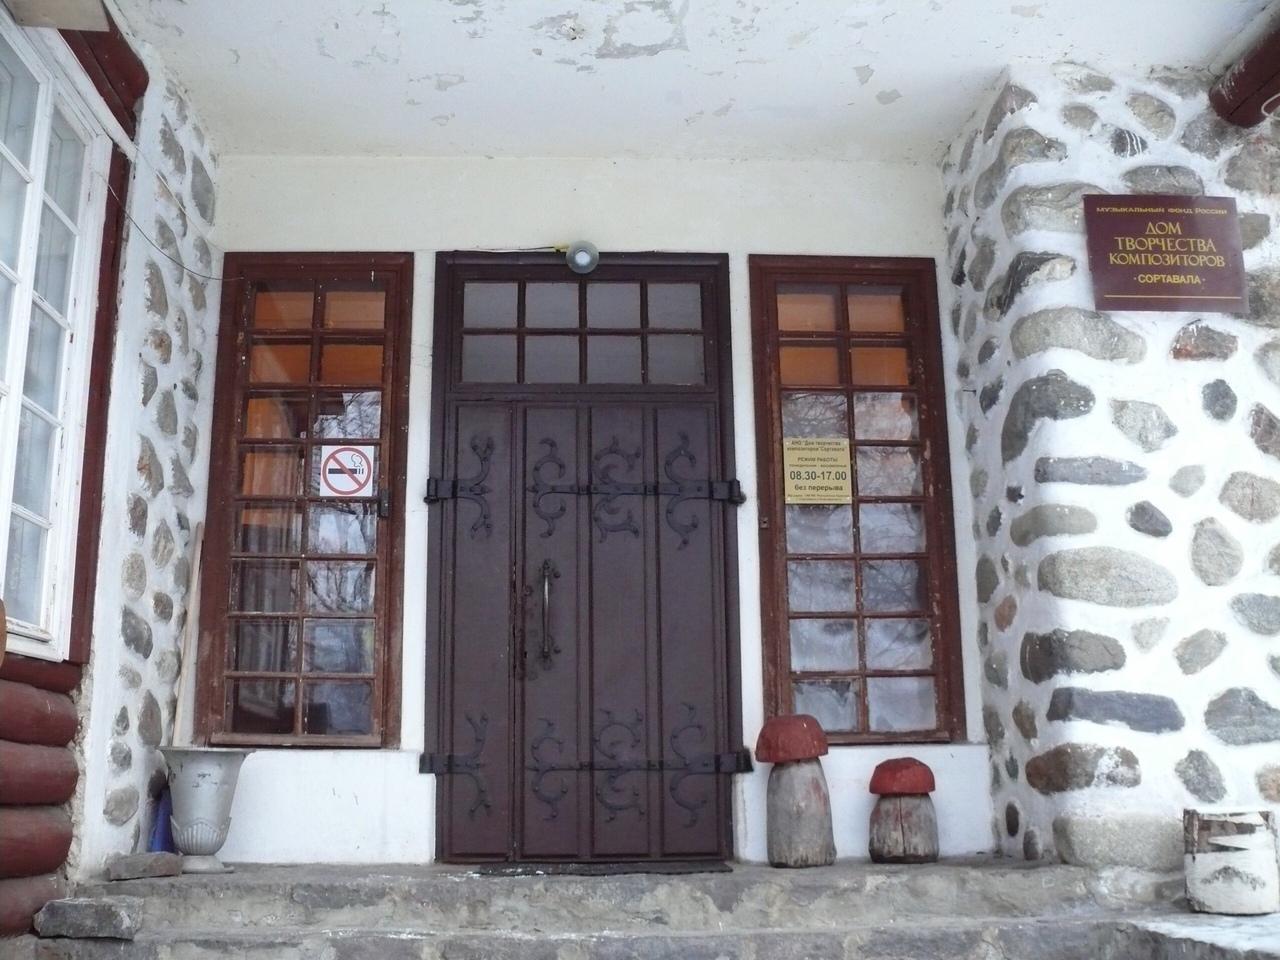 Дом творчества композиторов «Сортавала». Фото Ольги Коломеец